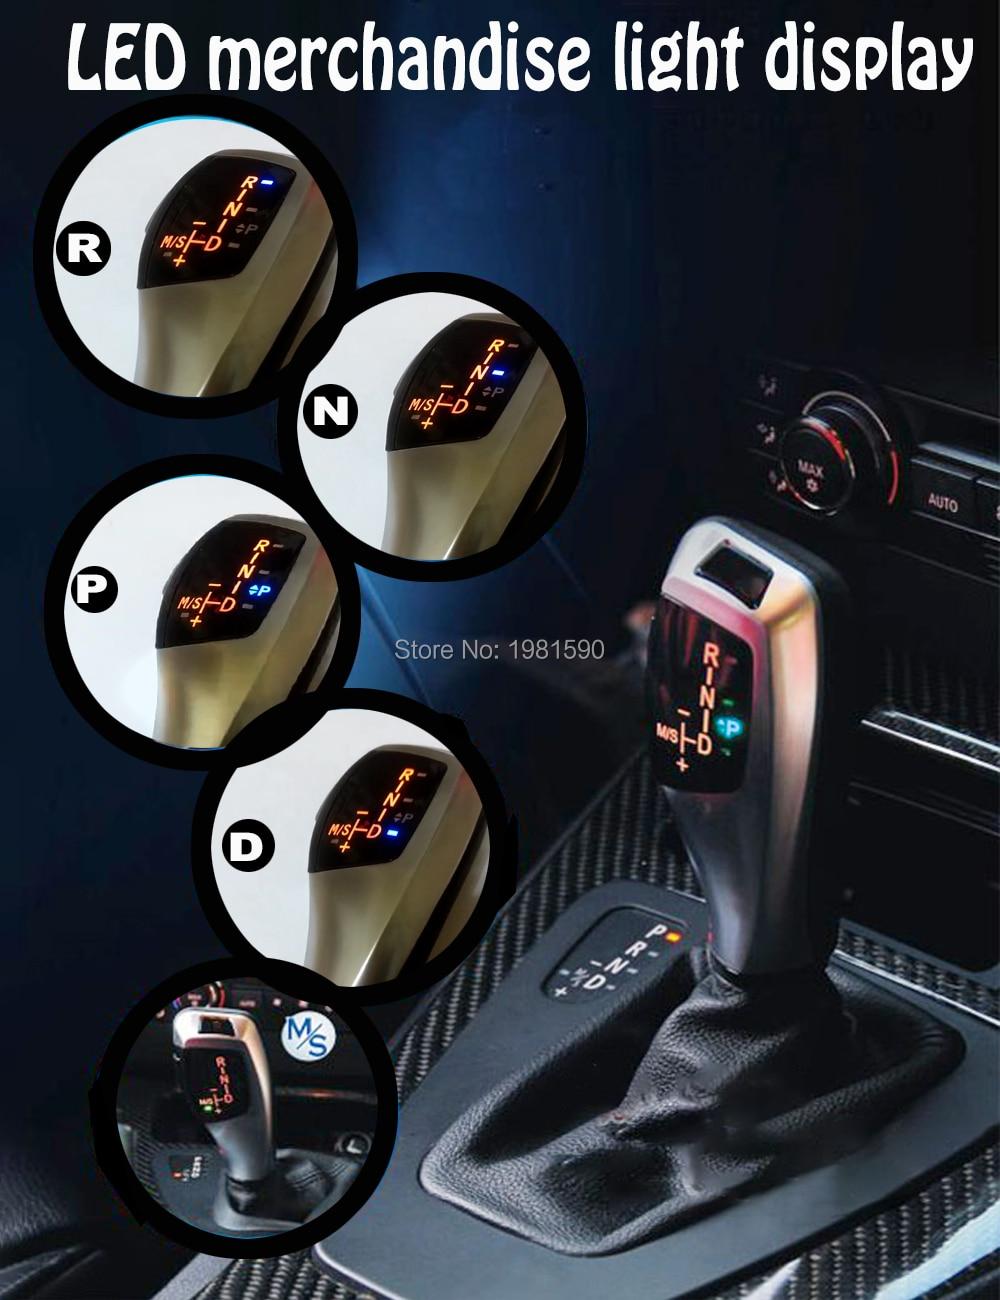 Levier de LED de levier de vitesse manette de vitesse pour BMW E39 4D facelifté E39 5D facelifté E53 facelifté autocollant de bouton de changement de vitesse automatique